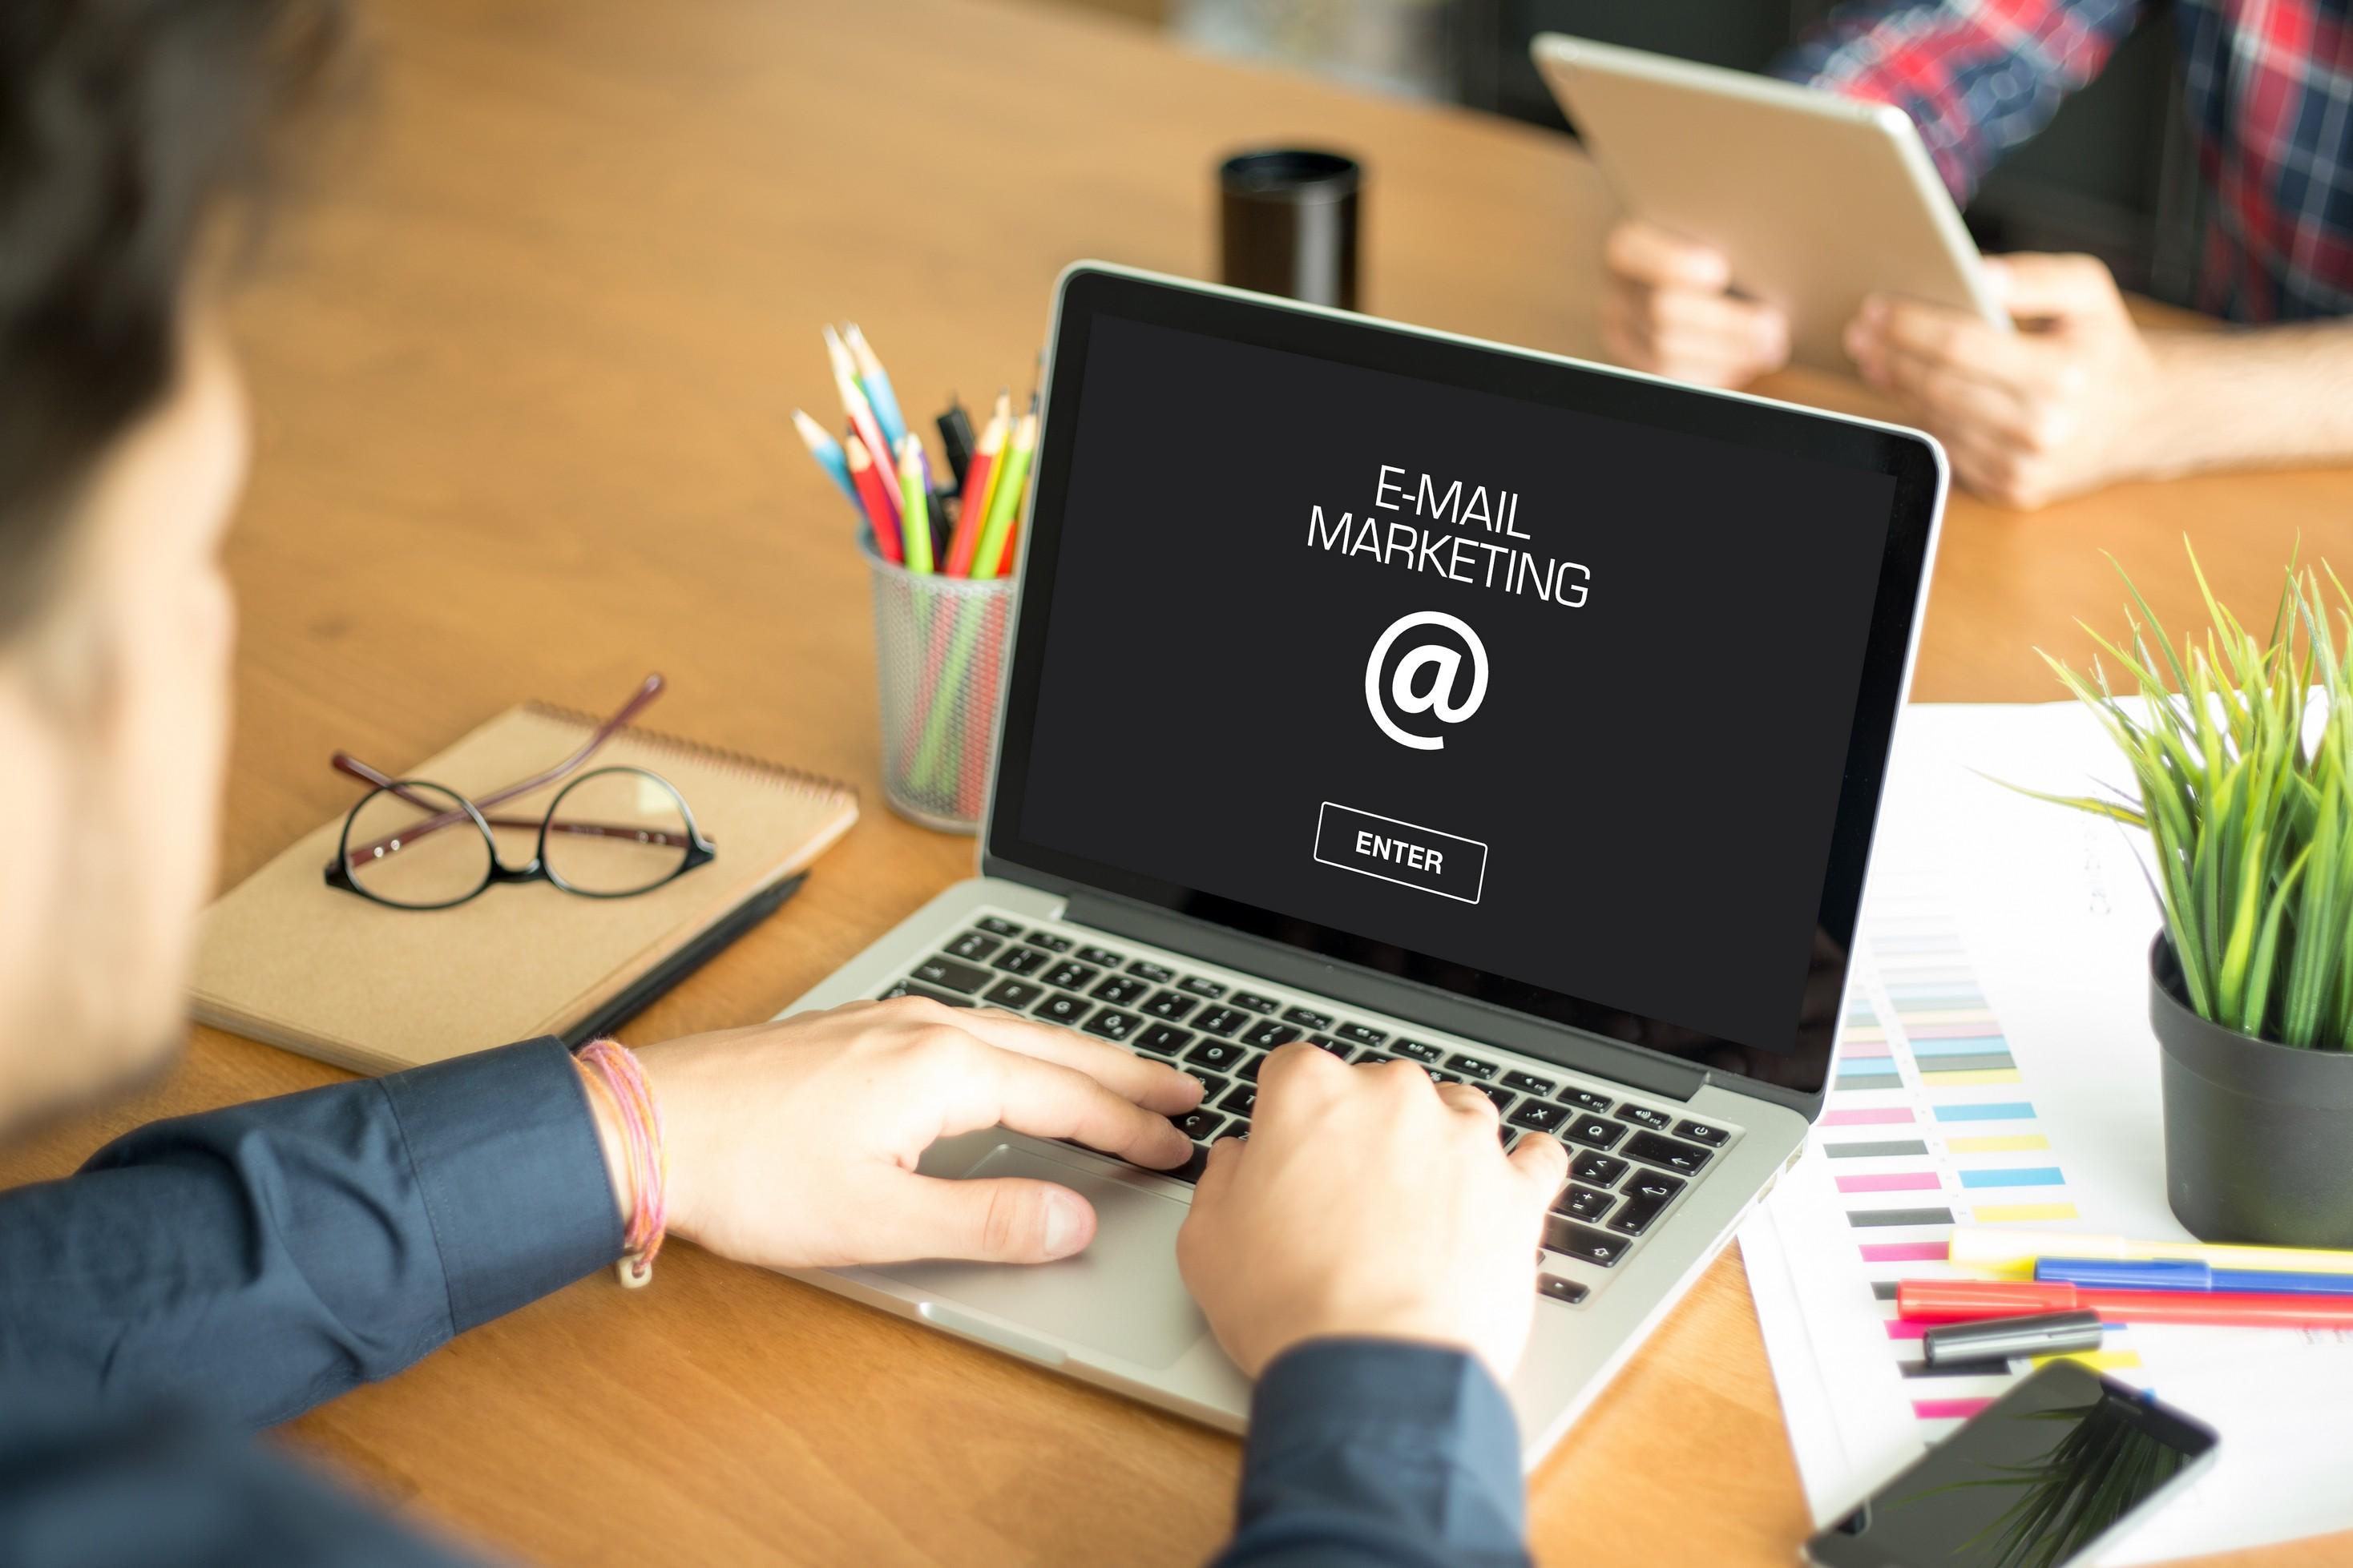 cach thiet ke email marketing